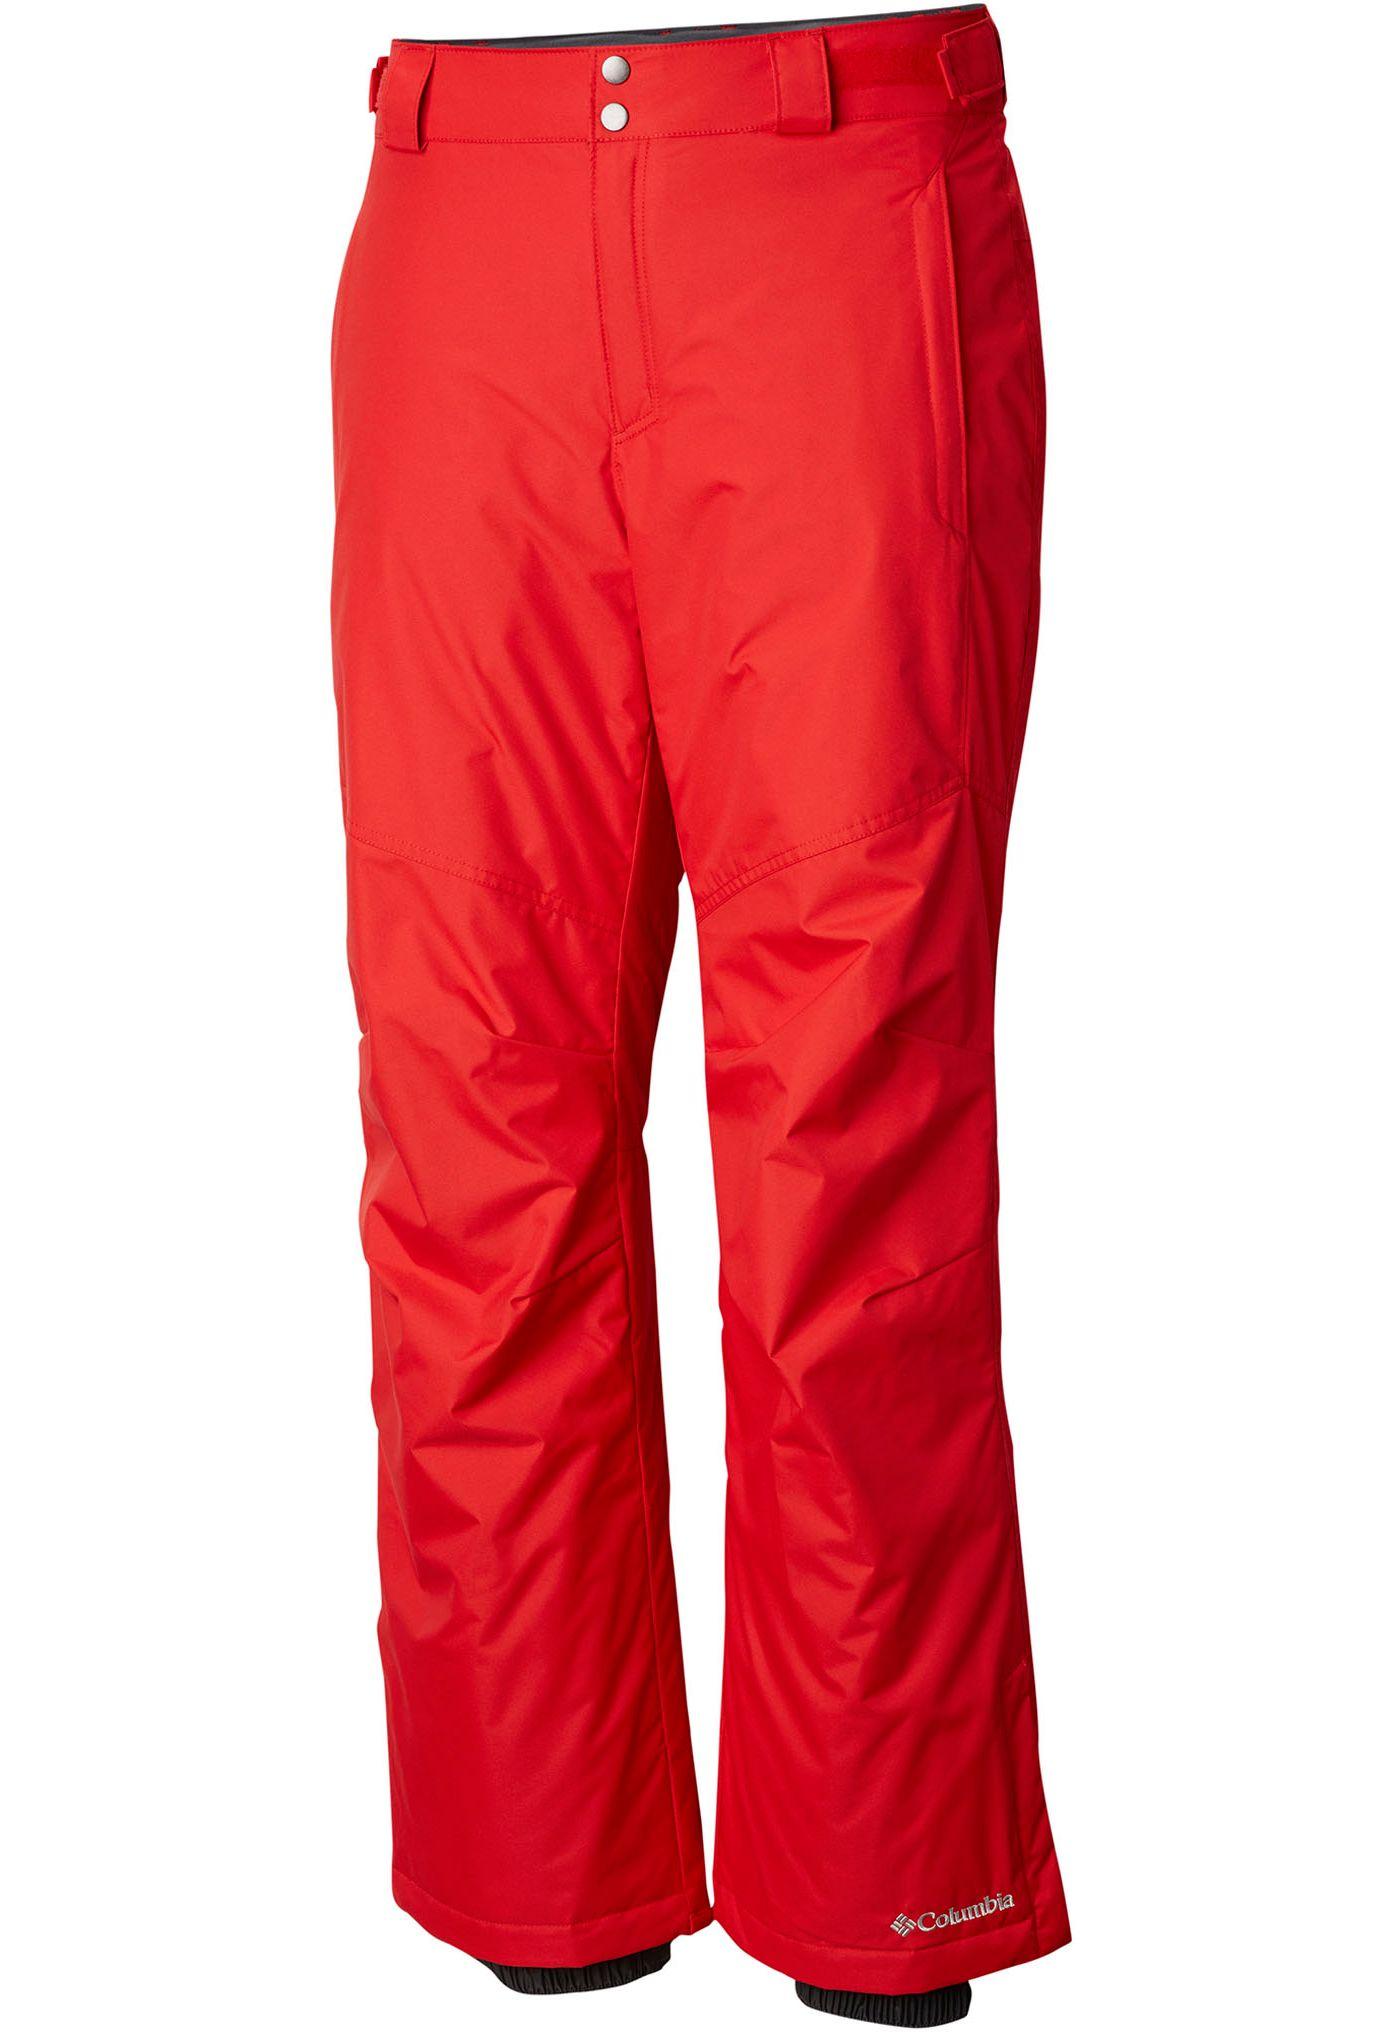 Columbia Men's Bugaboo II Pants